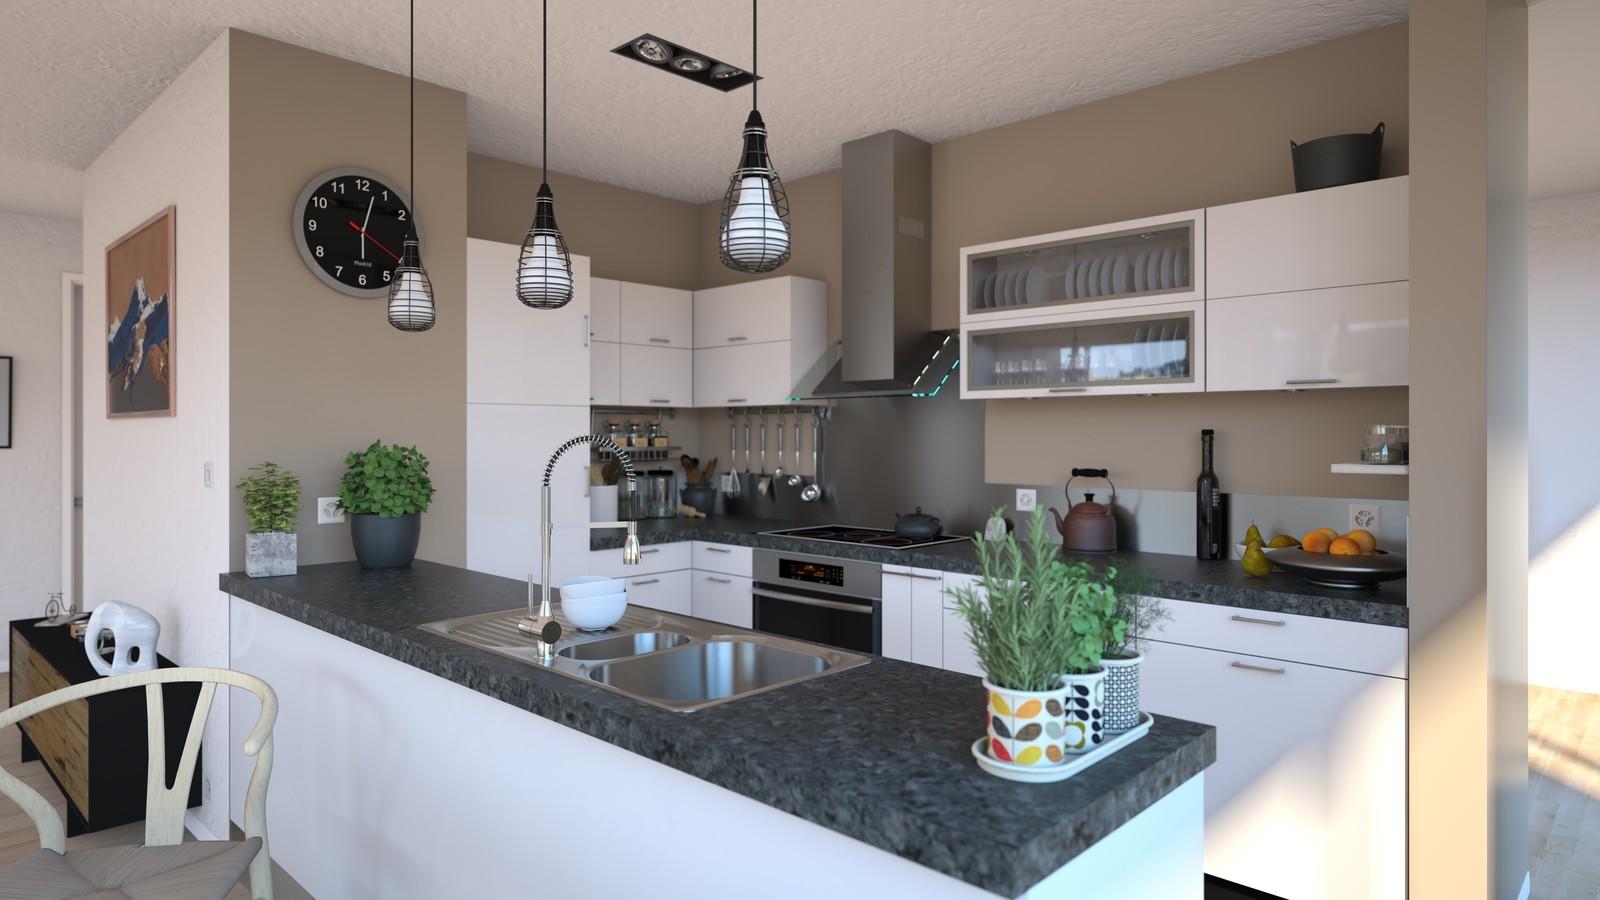 SketchUp + Thea Render Apartment model 03 v2019-Scene 28 Day V2 HD3000 x 5333 PrestoAO 1024 spx 52m38s